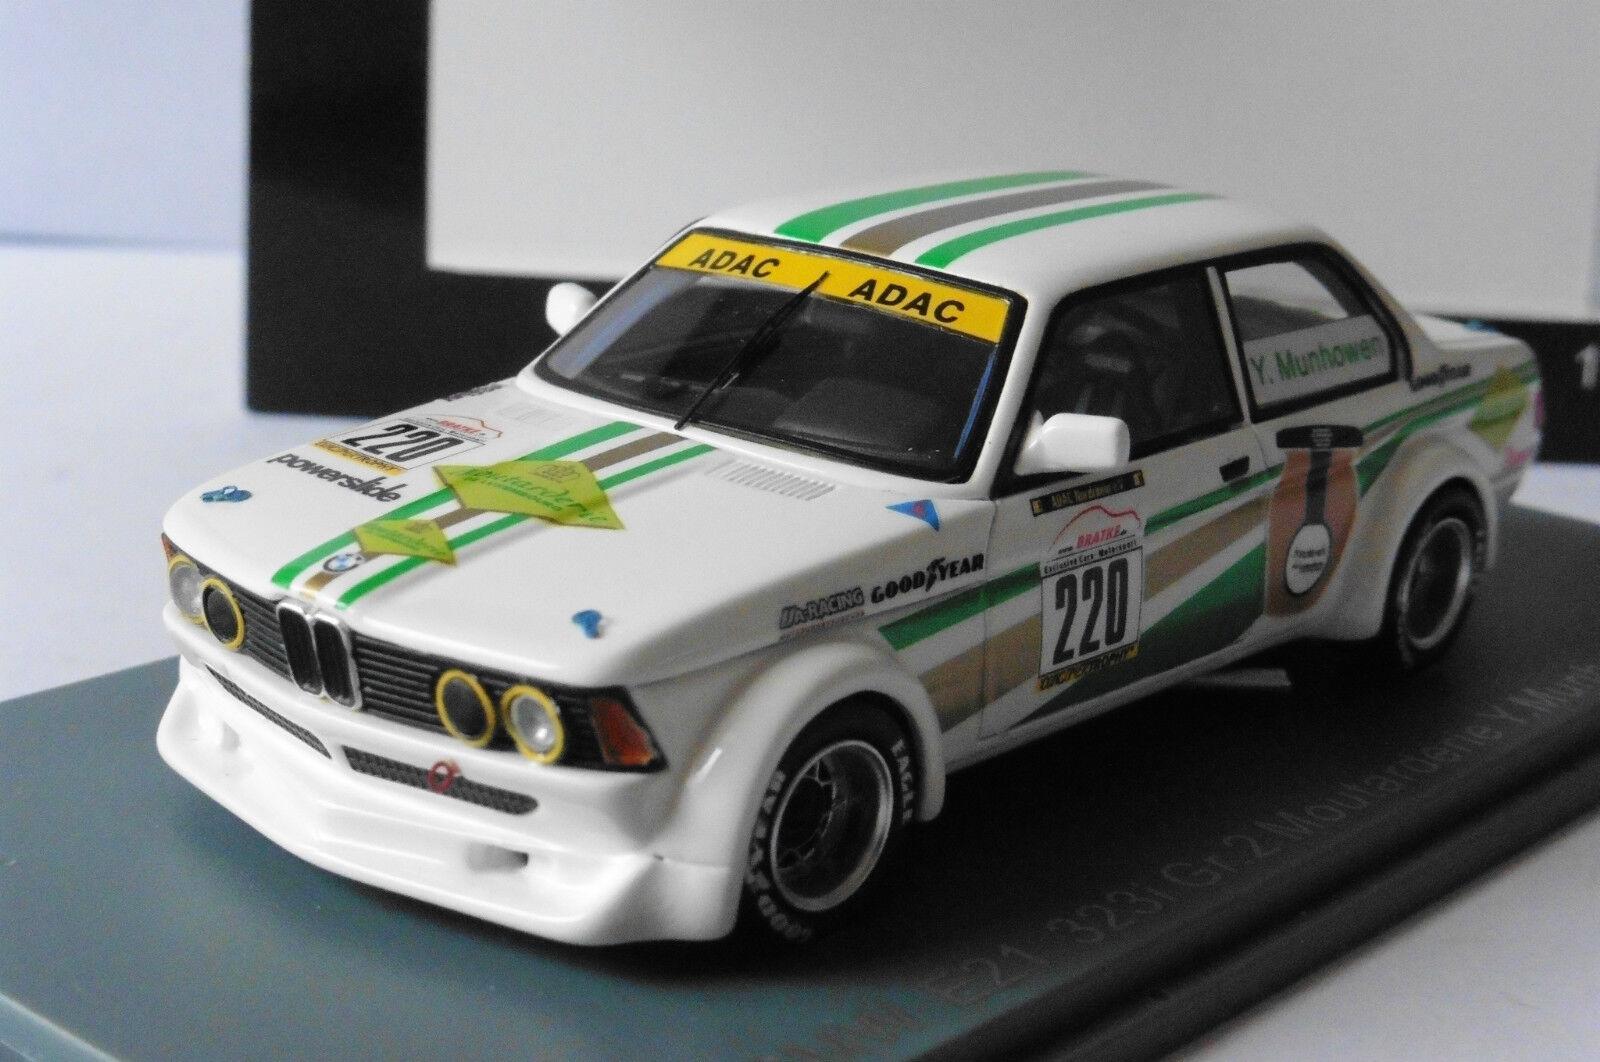 BMW 323I E21 #220 GR.2 MOUTARDERIE MUNHOWEN NEO 45224 1/43 ADAC GOODYEAR SPORT